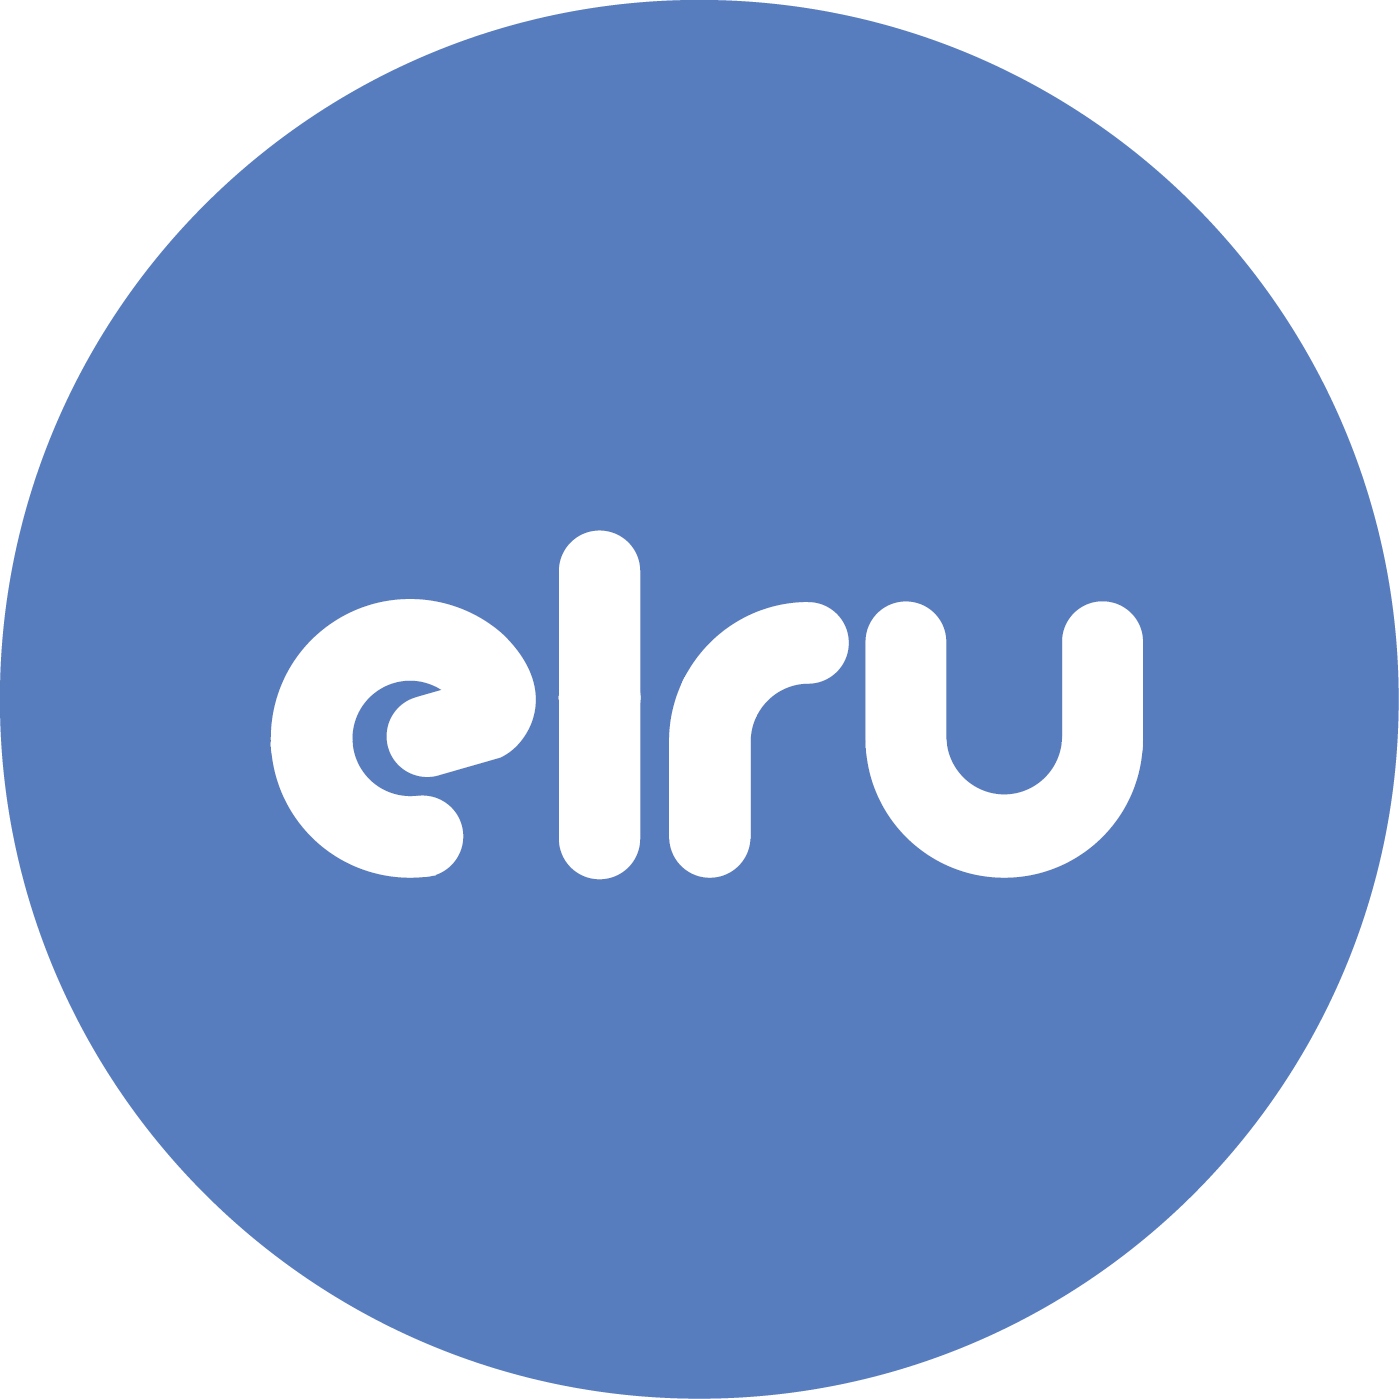 ELRU logo blue